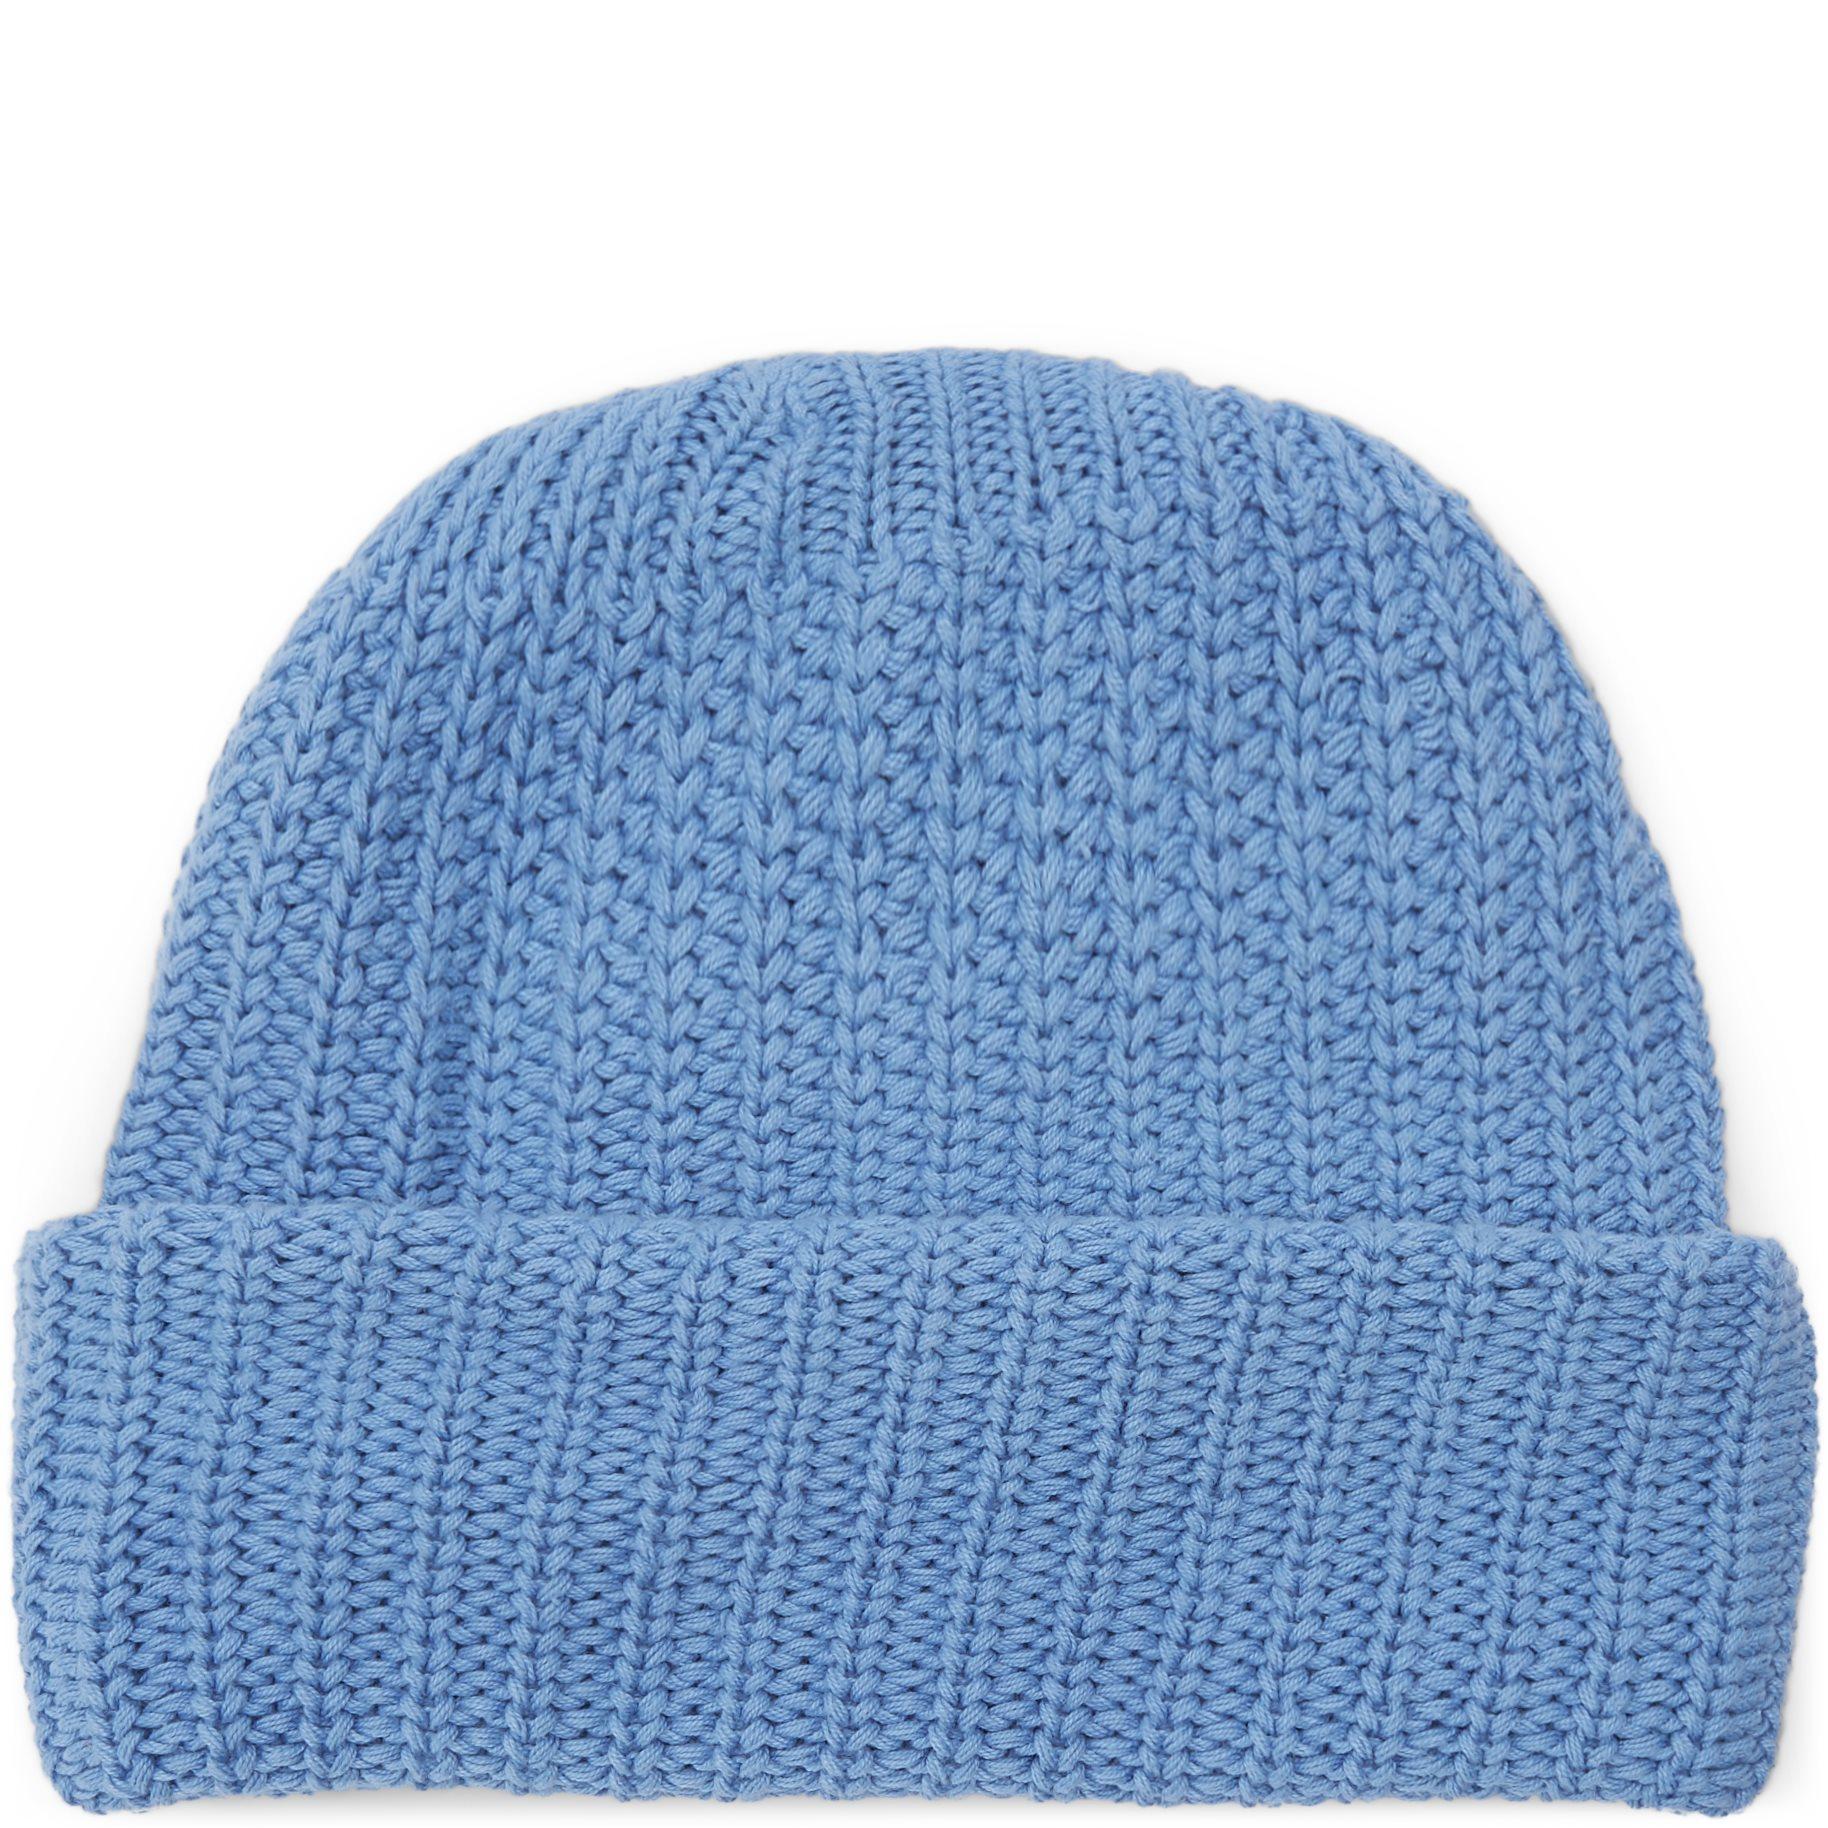 Mössor - Blå